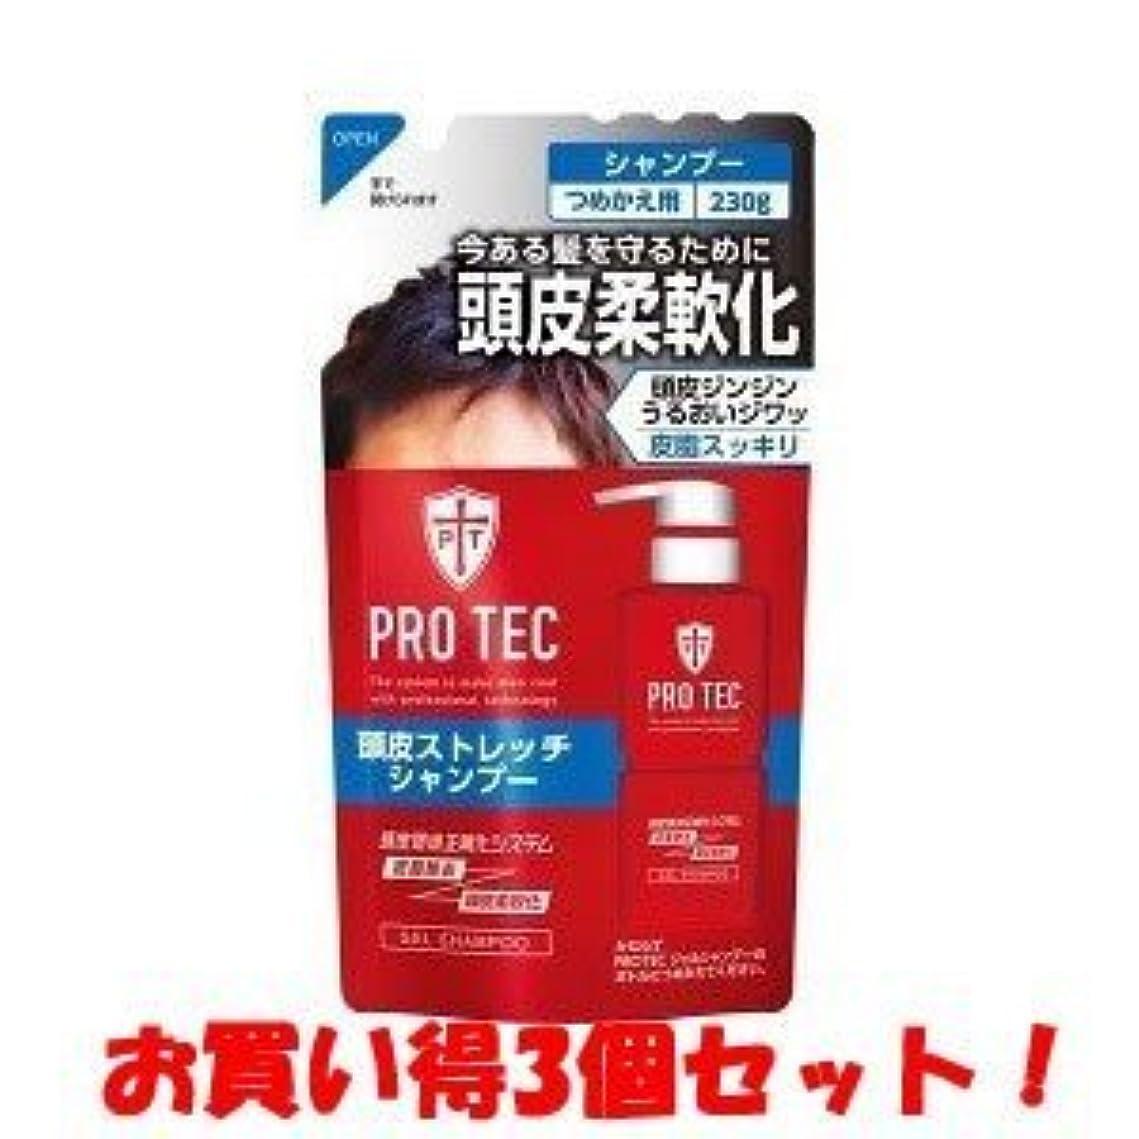 魔法オリエンテーション欠伸(ライオン)PRO TEC(プロテク) 頭皮ストレッチ シャンプー つめかえ用 230g(医薬部外品)(お買い得3個セット)